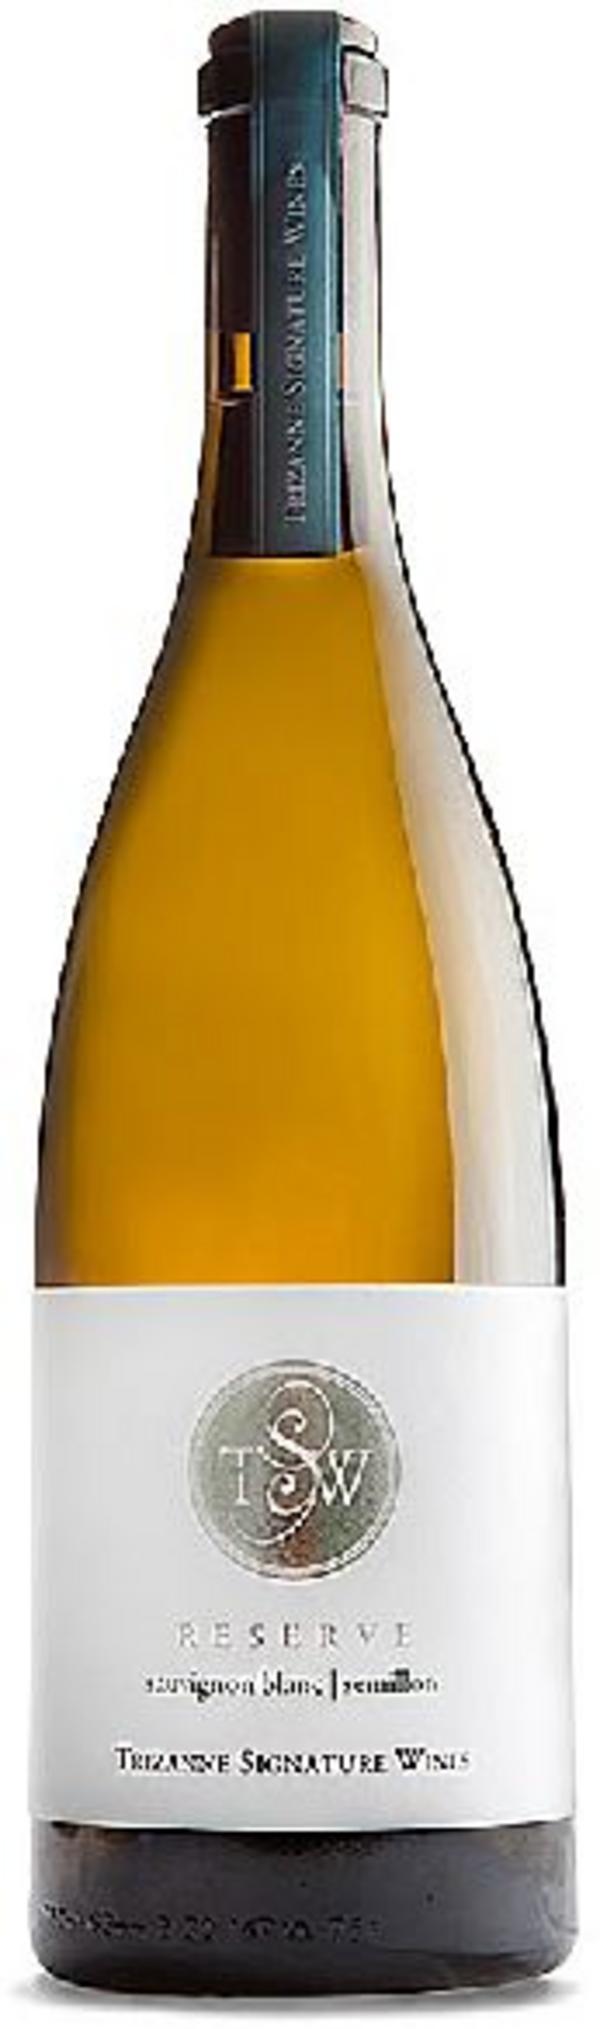 TSW Reserve Sauvignon Blanc Semillon 2016.